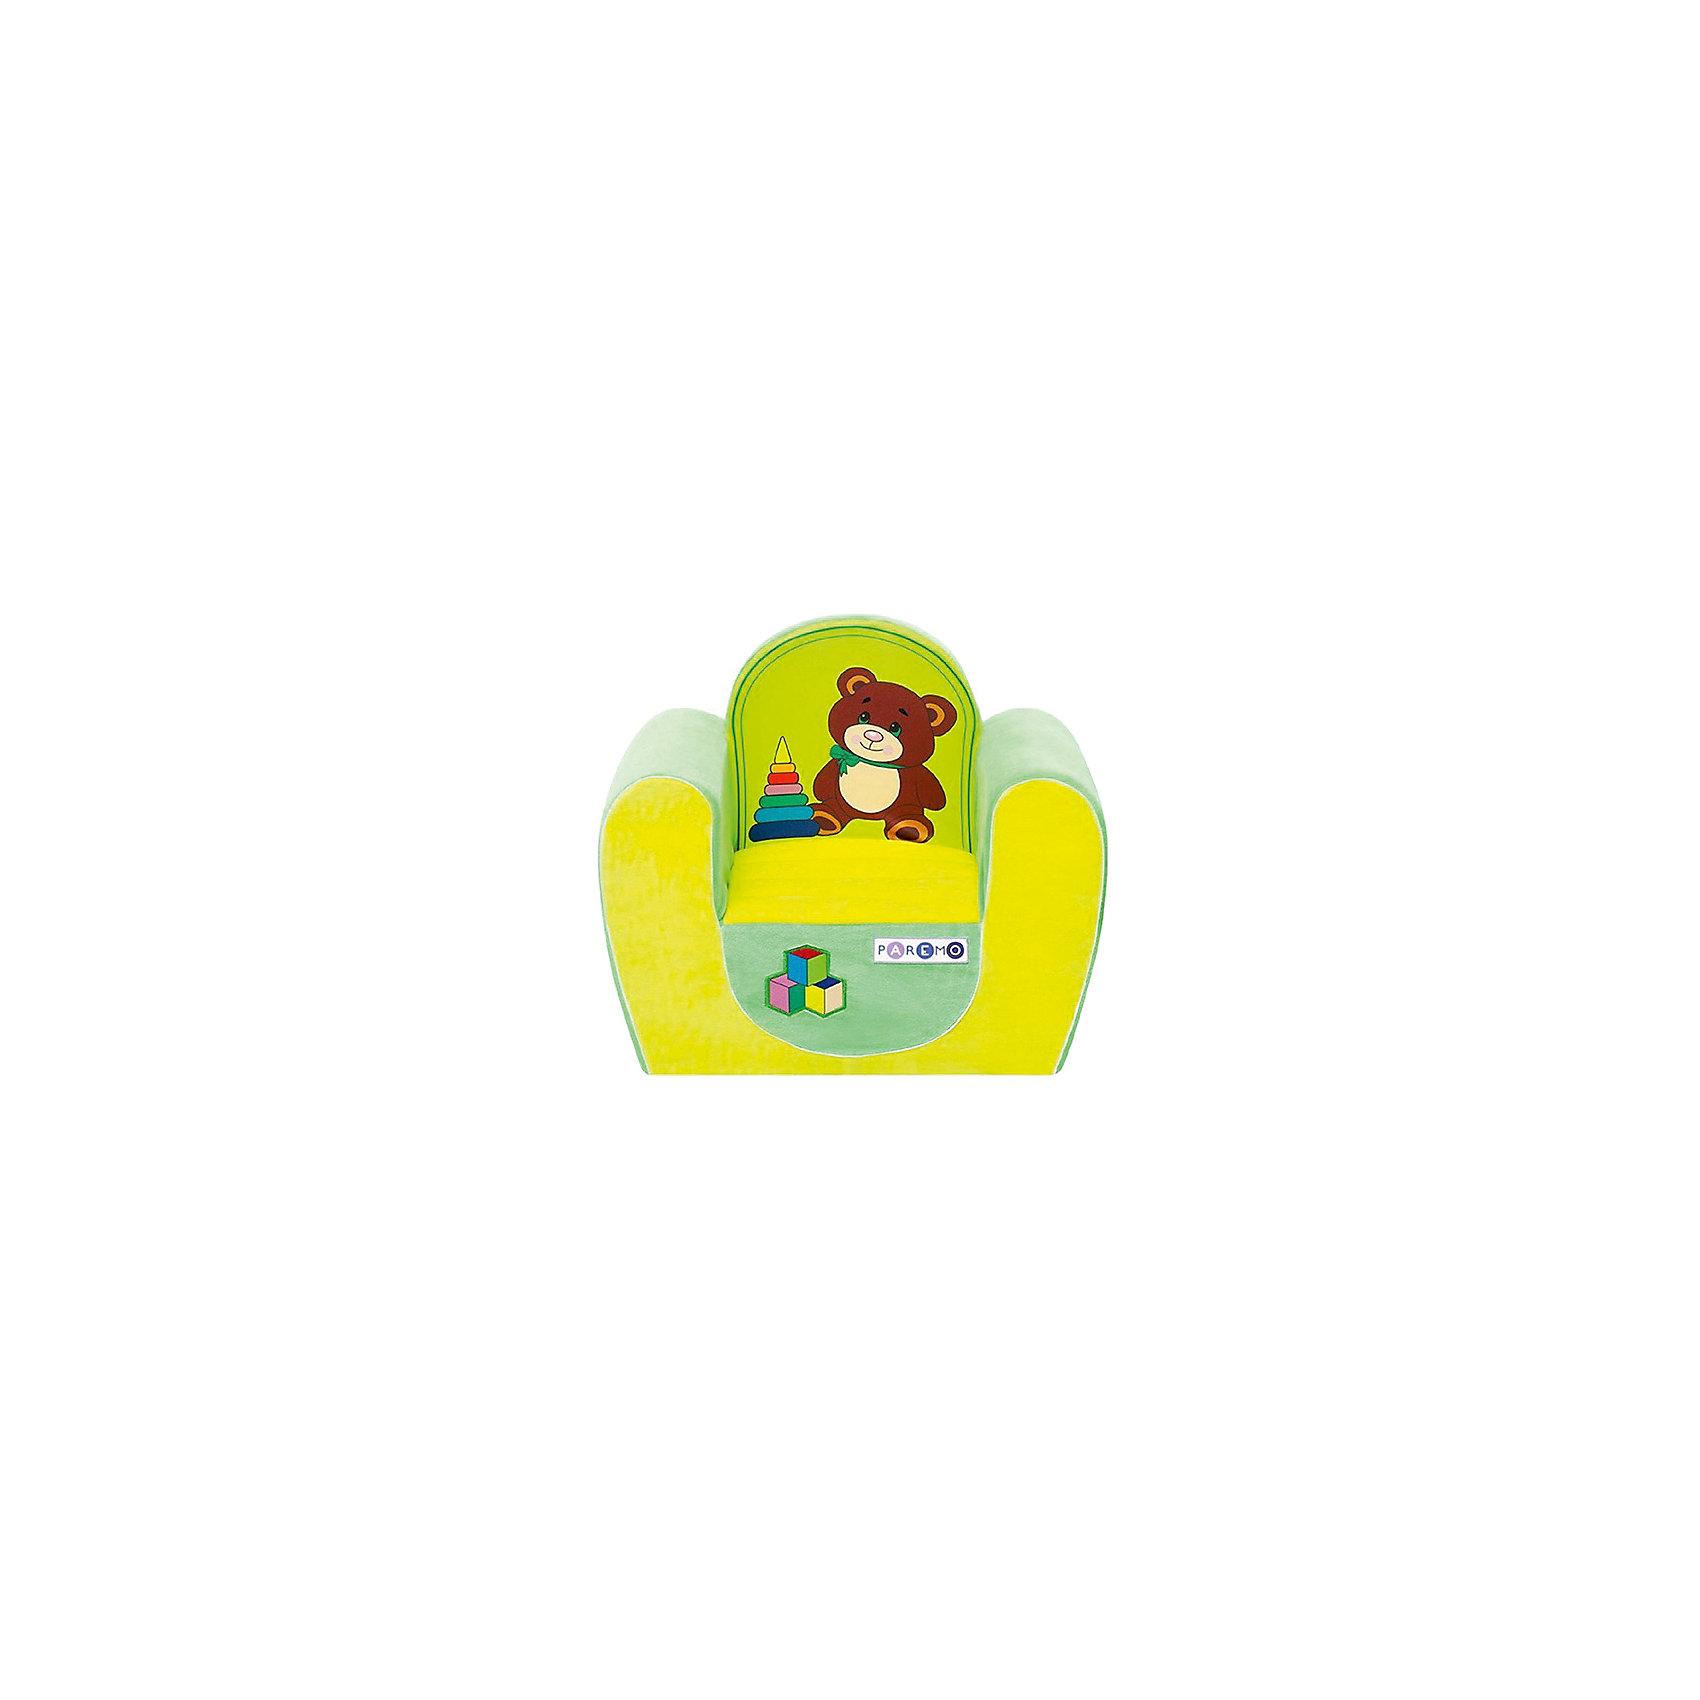 Детское игровое кресло Медвежонок, желтый+салатовый, PAREMOДомики и мебель<br>Детское игровое кресло Медвежонок, желтый+салатовый, PAREMO (ПАРЕМО).<br><br>Характеристики:<br><br>• Размер: 54х45х38 см.<br>• Вес: 3 кг.<br>• Высота от пола до сидения: 18 см.<br>• Размер сидения: 28х26 см.<br>• Материал чехла: велюр, текстиль<br>• Наполнитель: пенополиуретан<br>• Цвет: желтый, салатовый<br>• Упаковка: пакет<br><br>Яркое детское игровое кресло «Медвежонок» с изображением милого медвежонка создано для детей в возрасте от года до четырех лет. Оно имеет бескаркасную, абсолютно безопасную конструкцию. Острые углы отсутствуют. Мягкое и эргономичное сидение принимает нужную форму под весом ребенка, что делает кресло максимально комфортным. Высота от пола до сидения составляет 18 см, поэтому даже самым маленьким будет удобно садиться в кресло. <br><br>Мягкий чехол приятен на ощупь. Он легко снимается и при необходимости стирается в режиме деликатной стирки при температуре до 30 градусов. Кресло идеально впишется в любой уголок детской комнаты. Оно создаст дополнительное место для игр и станет удобным, укромным местечком, где ваш малыш сможет отдохнуть. Сделано в России!<br><br>Детское игровое кресло Медвежонок, желтое+салатовое, PAREMO (ПАРЕМО) можно купить в нашем интернет-магазине.<br><br>Ширина мм: 540<br>Глубина мм: 450<br>Высота мм: 380<br>Вес г: 3000<br>Возраст от месяцев: 12<br>Возраст до месяцев: 120<br>Пол: Женский<br>Возраст: Детский<br>SKU: 5482291